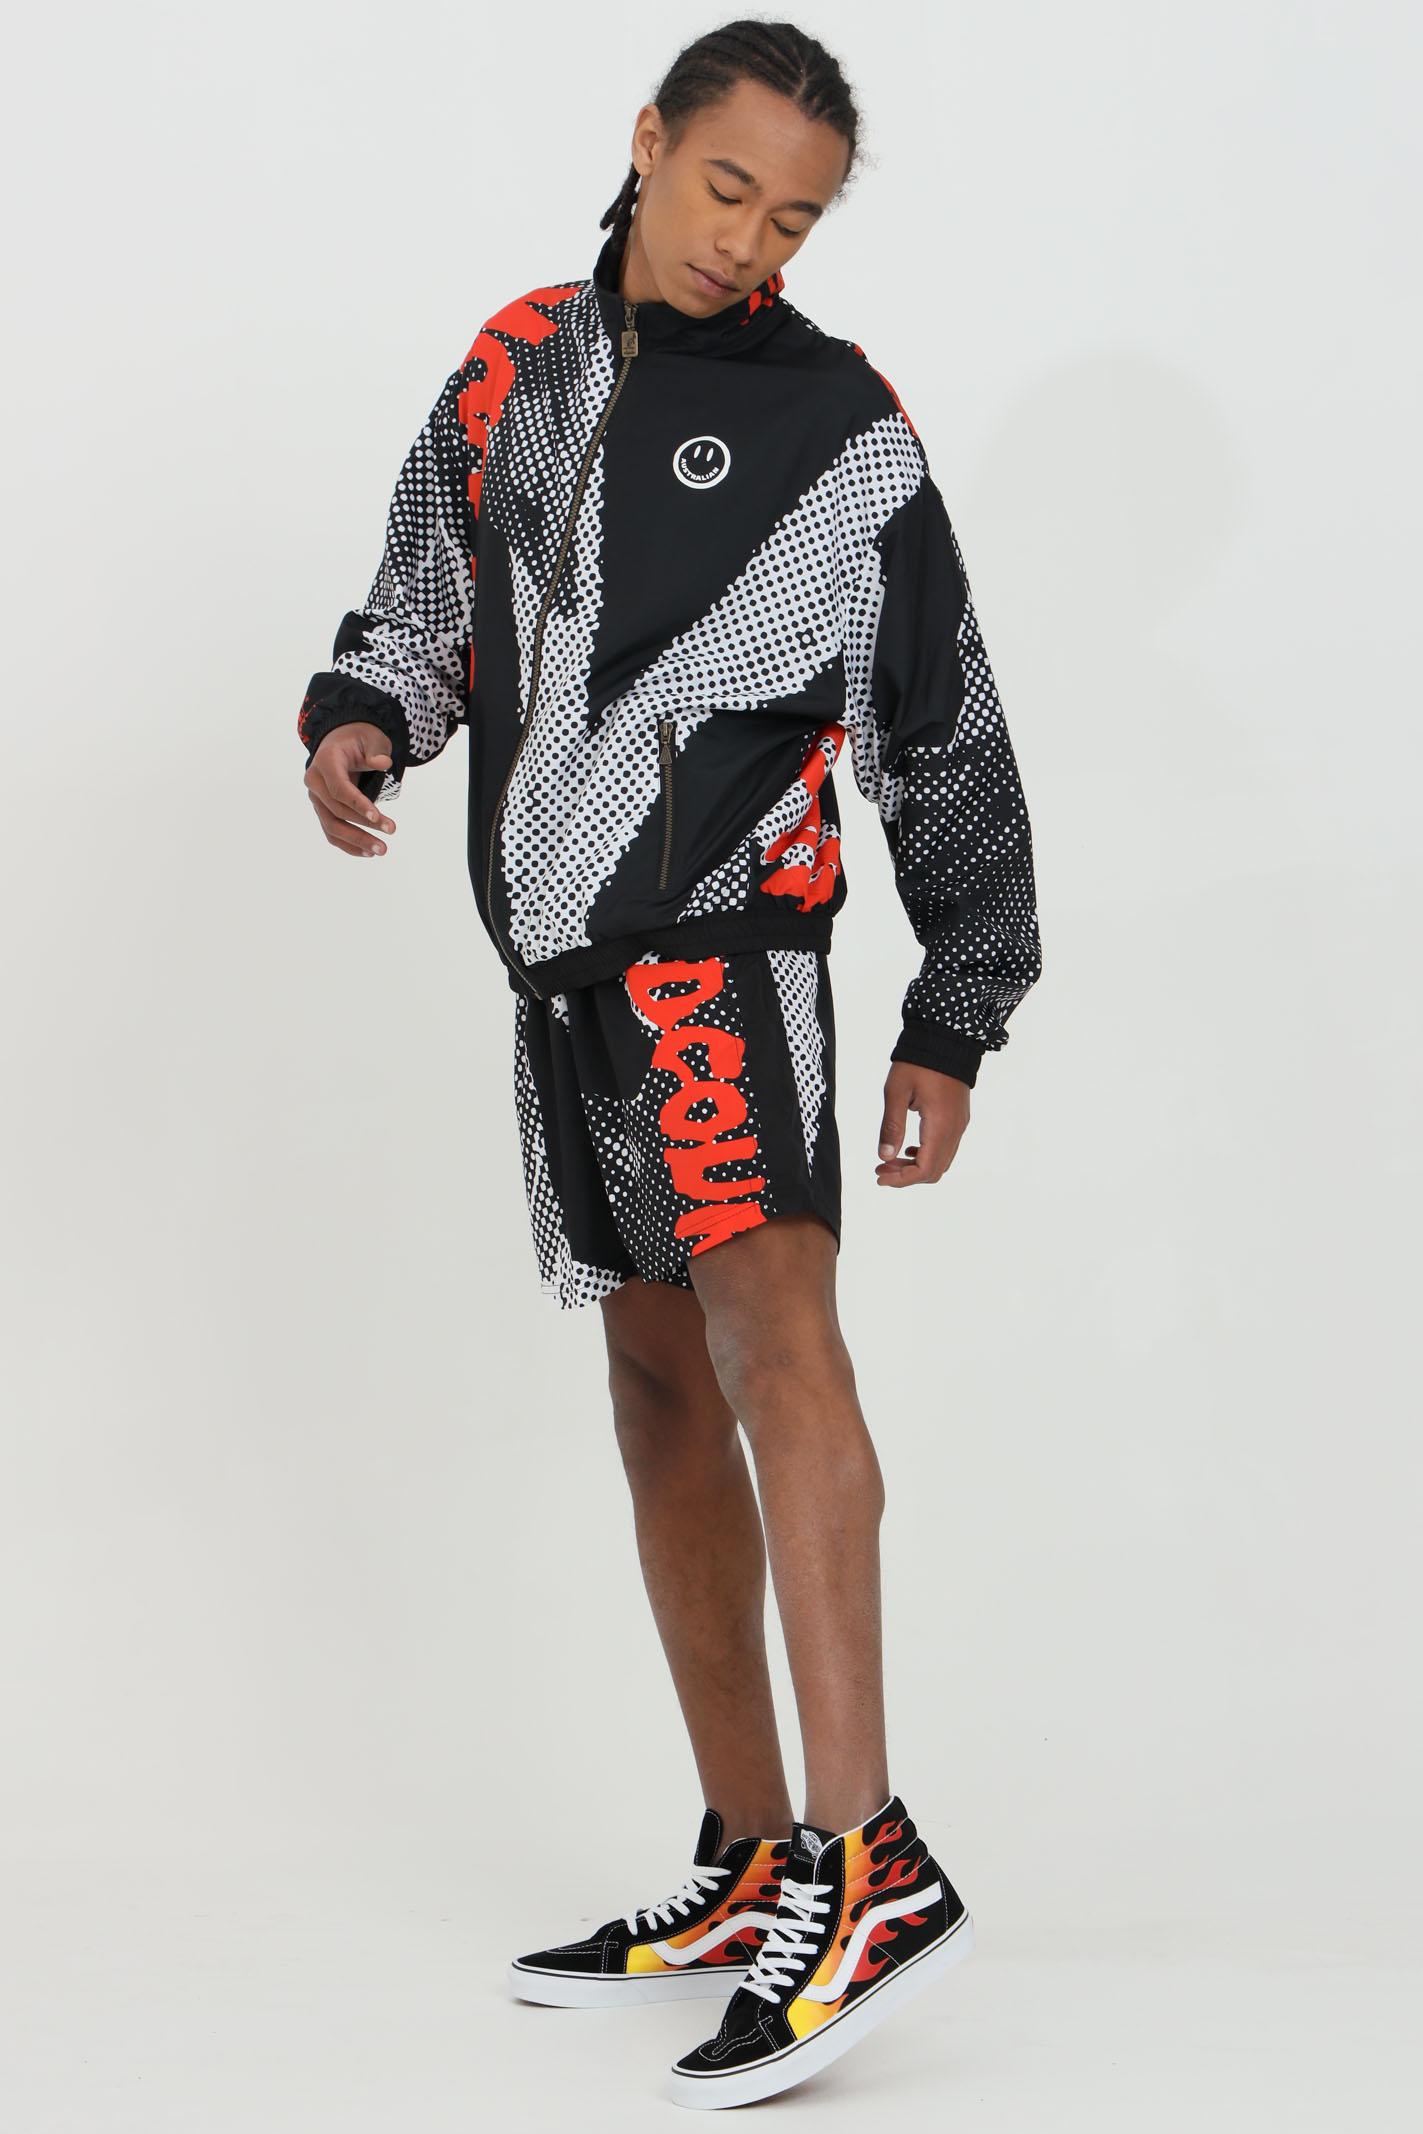 Giacca a vento uomo nero Australian con stampa e chiusura con zip.Tasche laterali. Polsini e fondo con elastici AUSTRALIAN | Giubbotti | HCUGC0005003